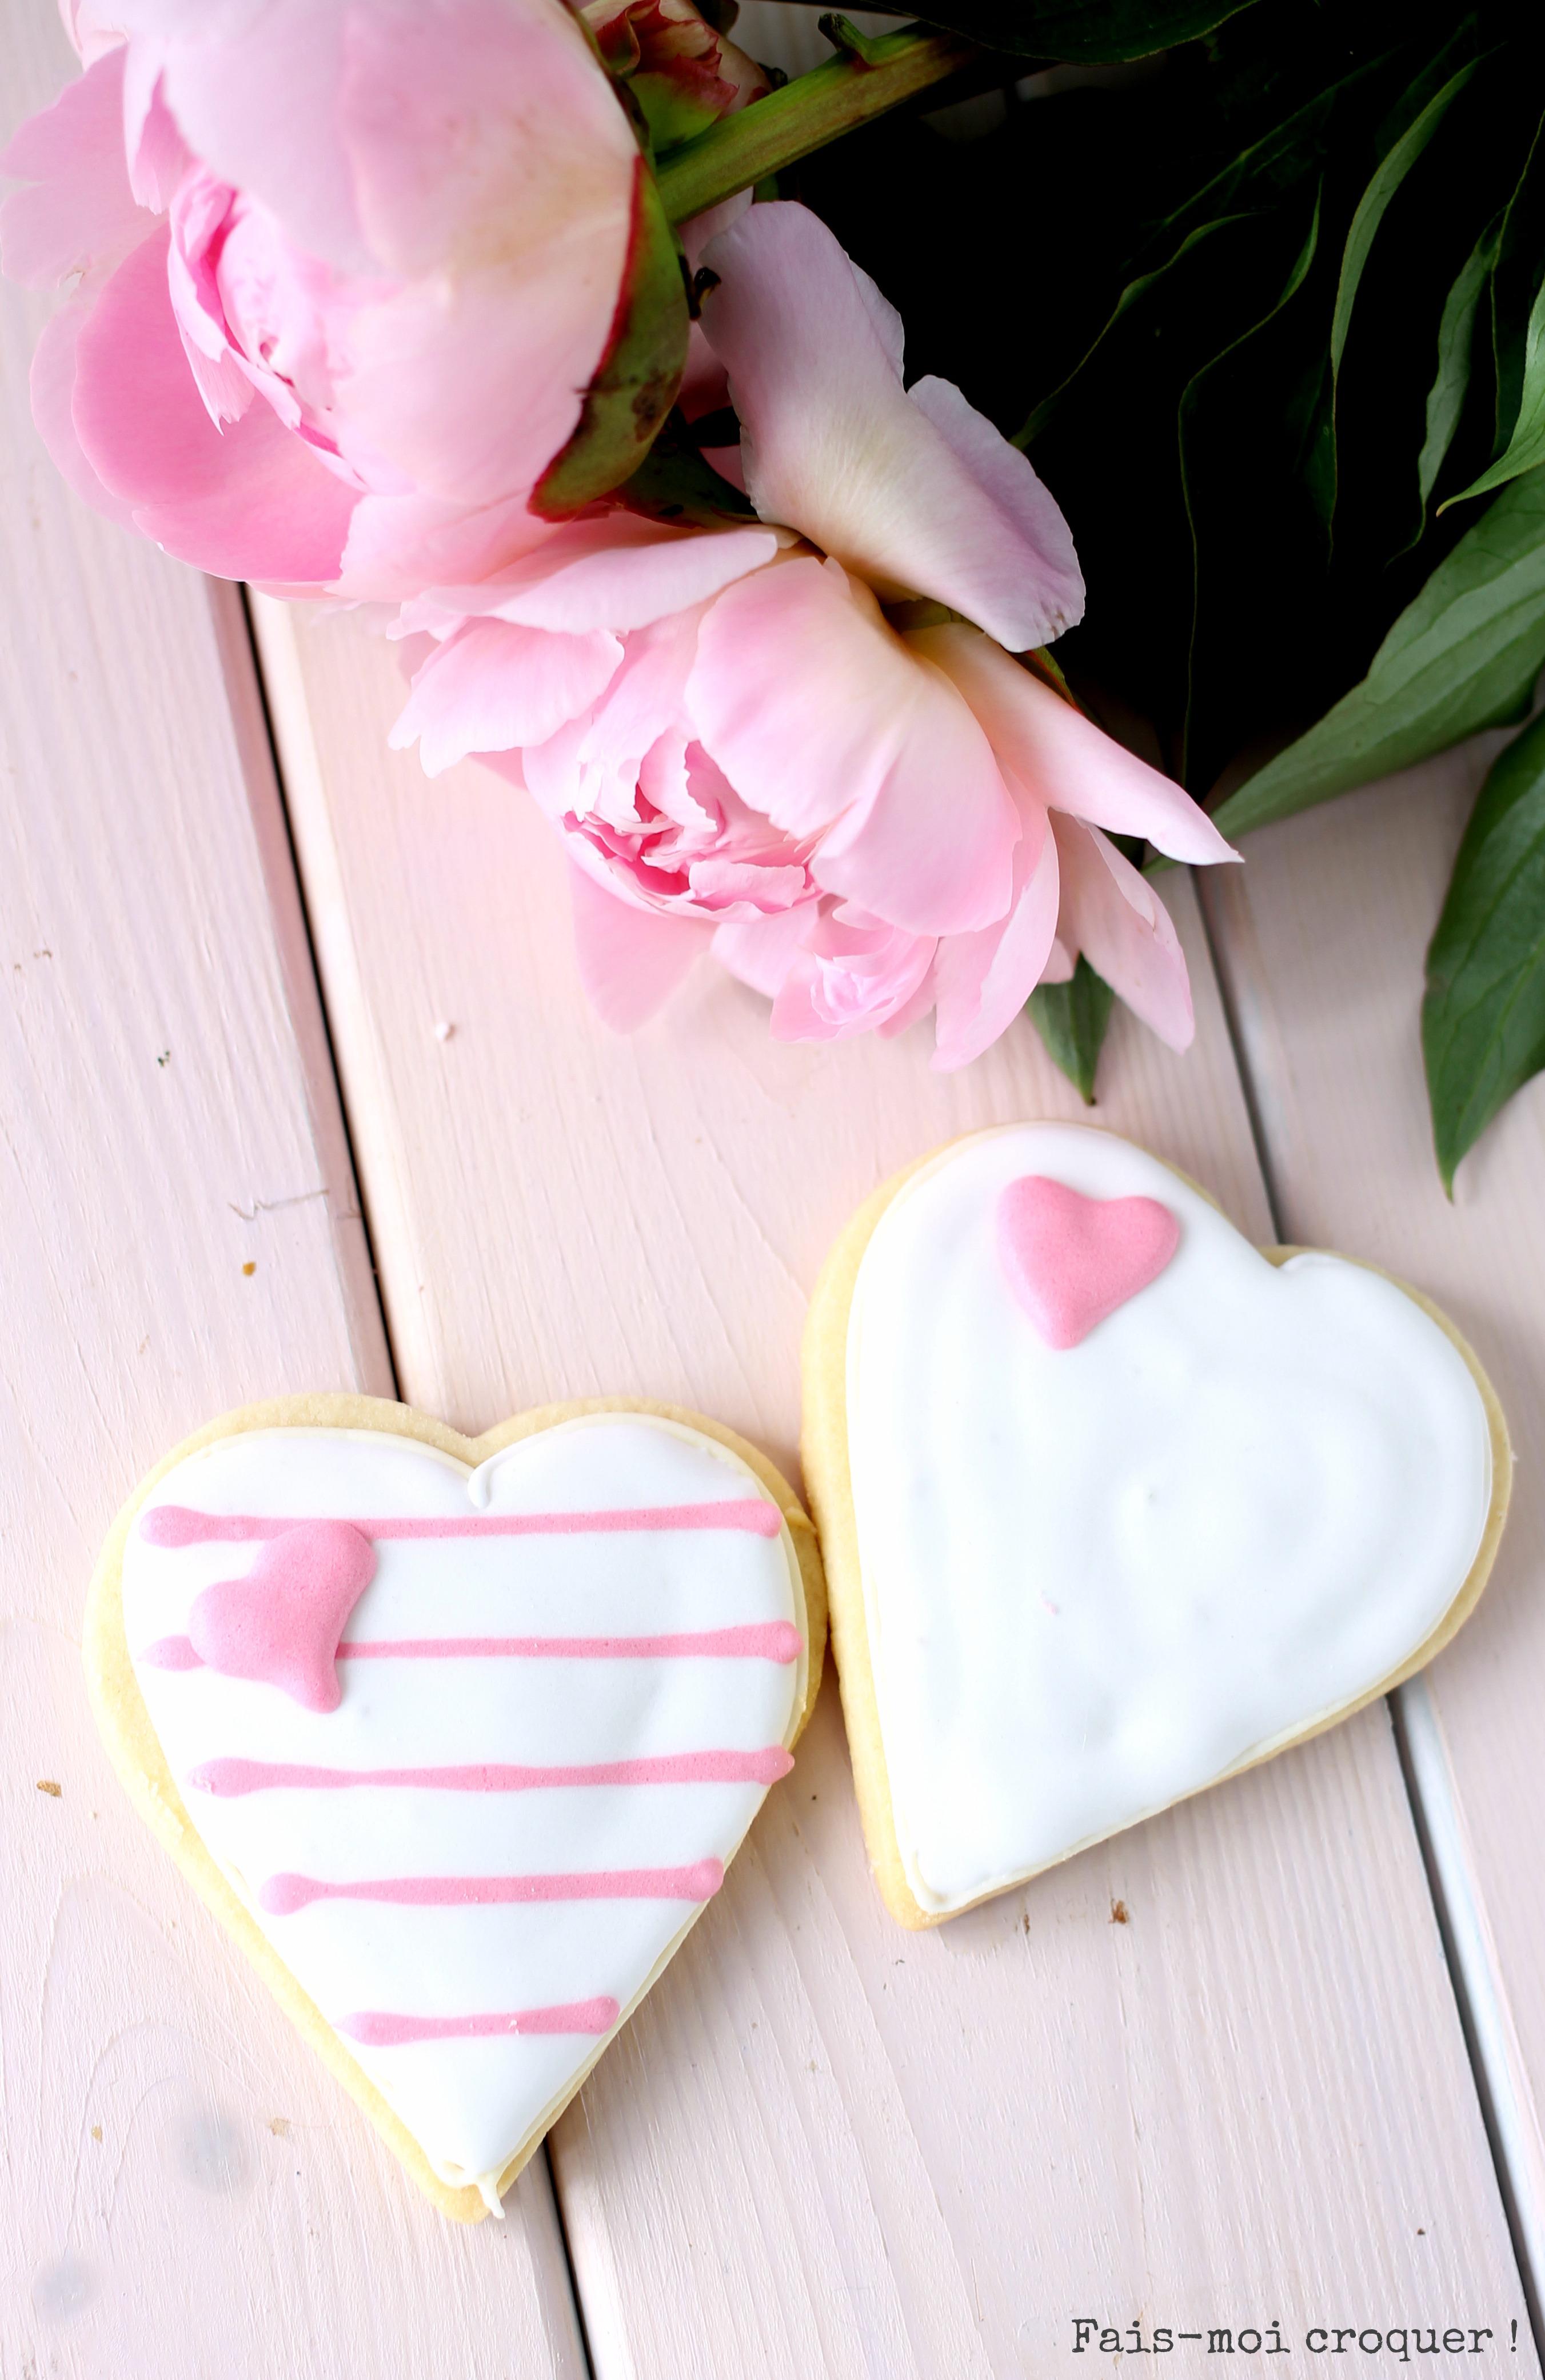 Biscuits décorés de glace royale pour la fête des mères